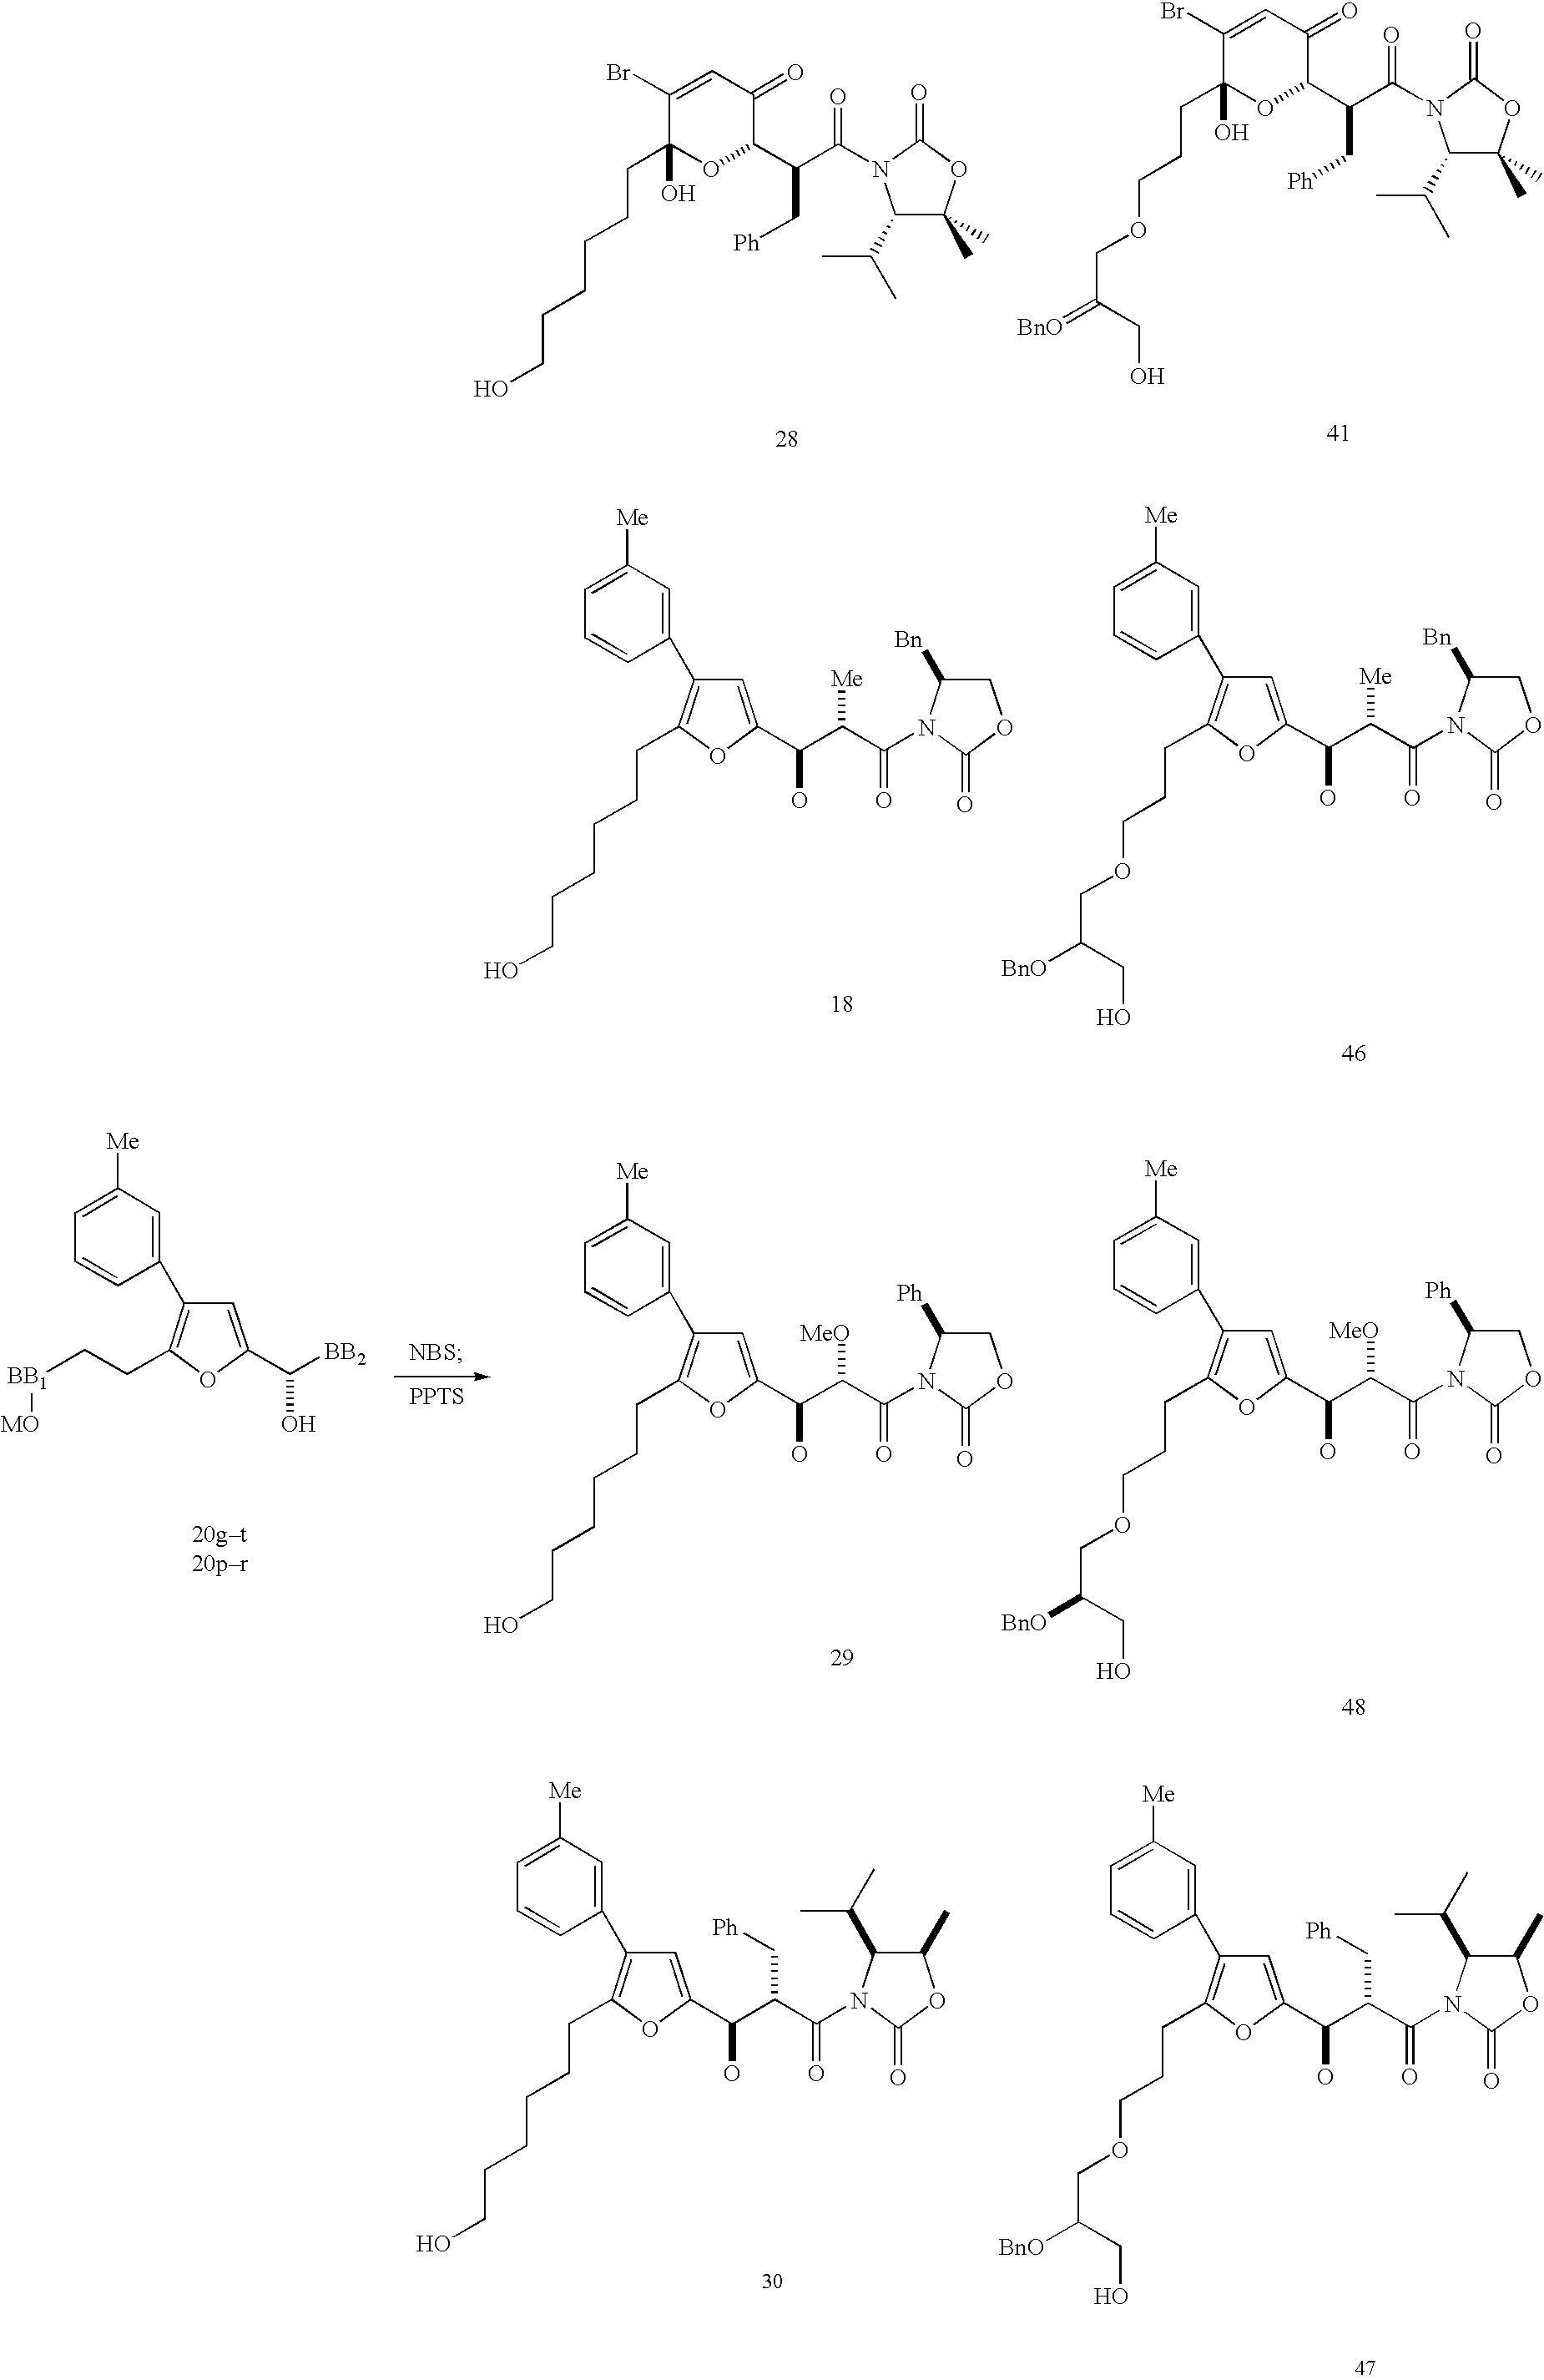 Figure US20040214232A1-20041028-C00054